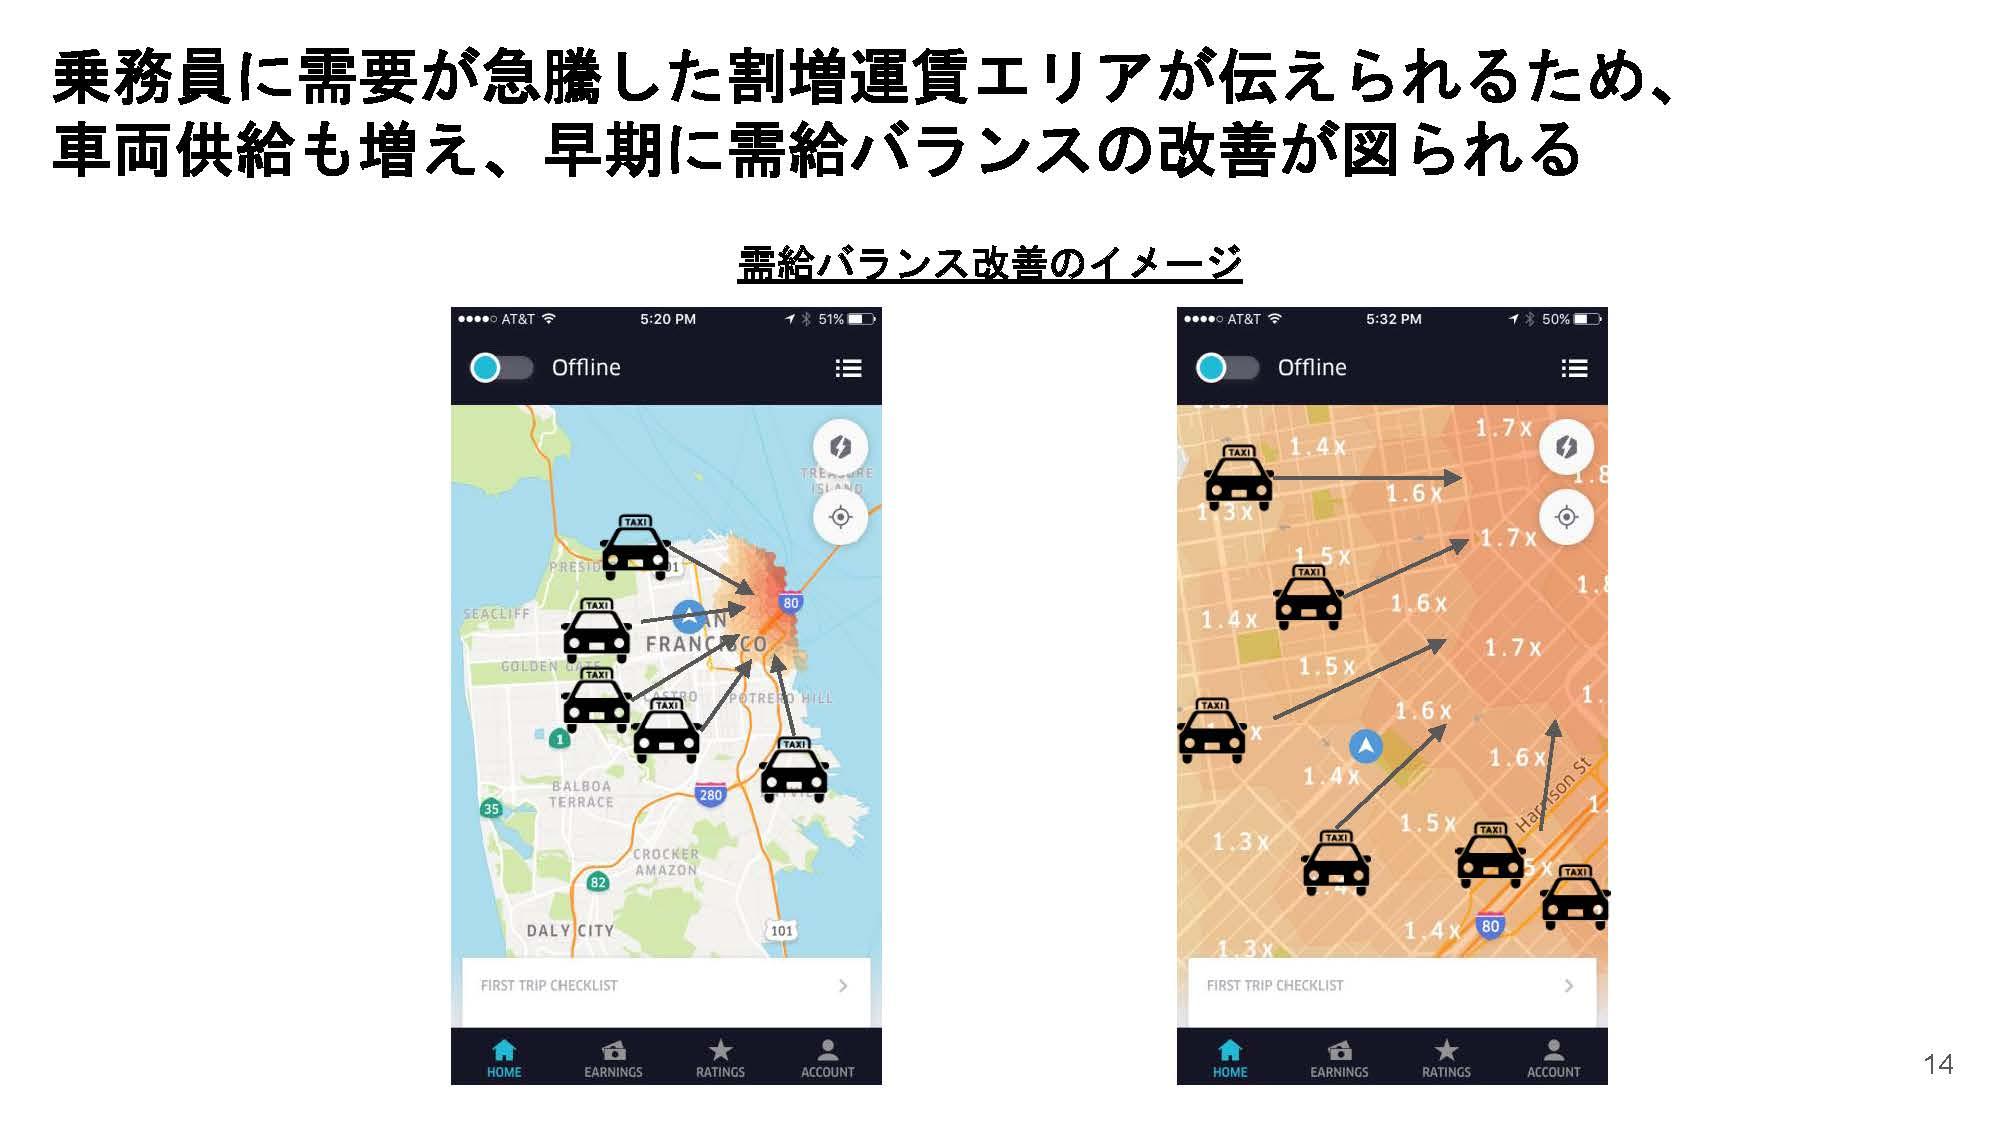 ダイナミックプライシングが導入されることで、利用者の需要の多いところに自然とタクシーが集まることとなる